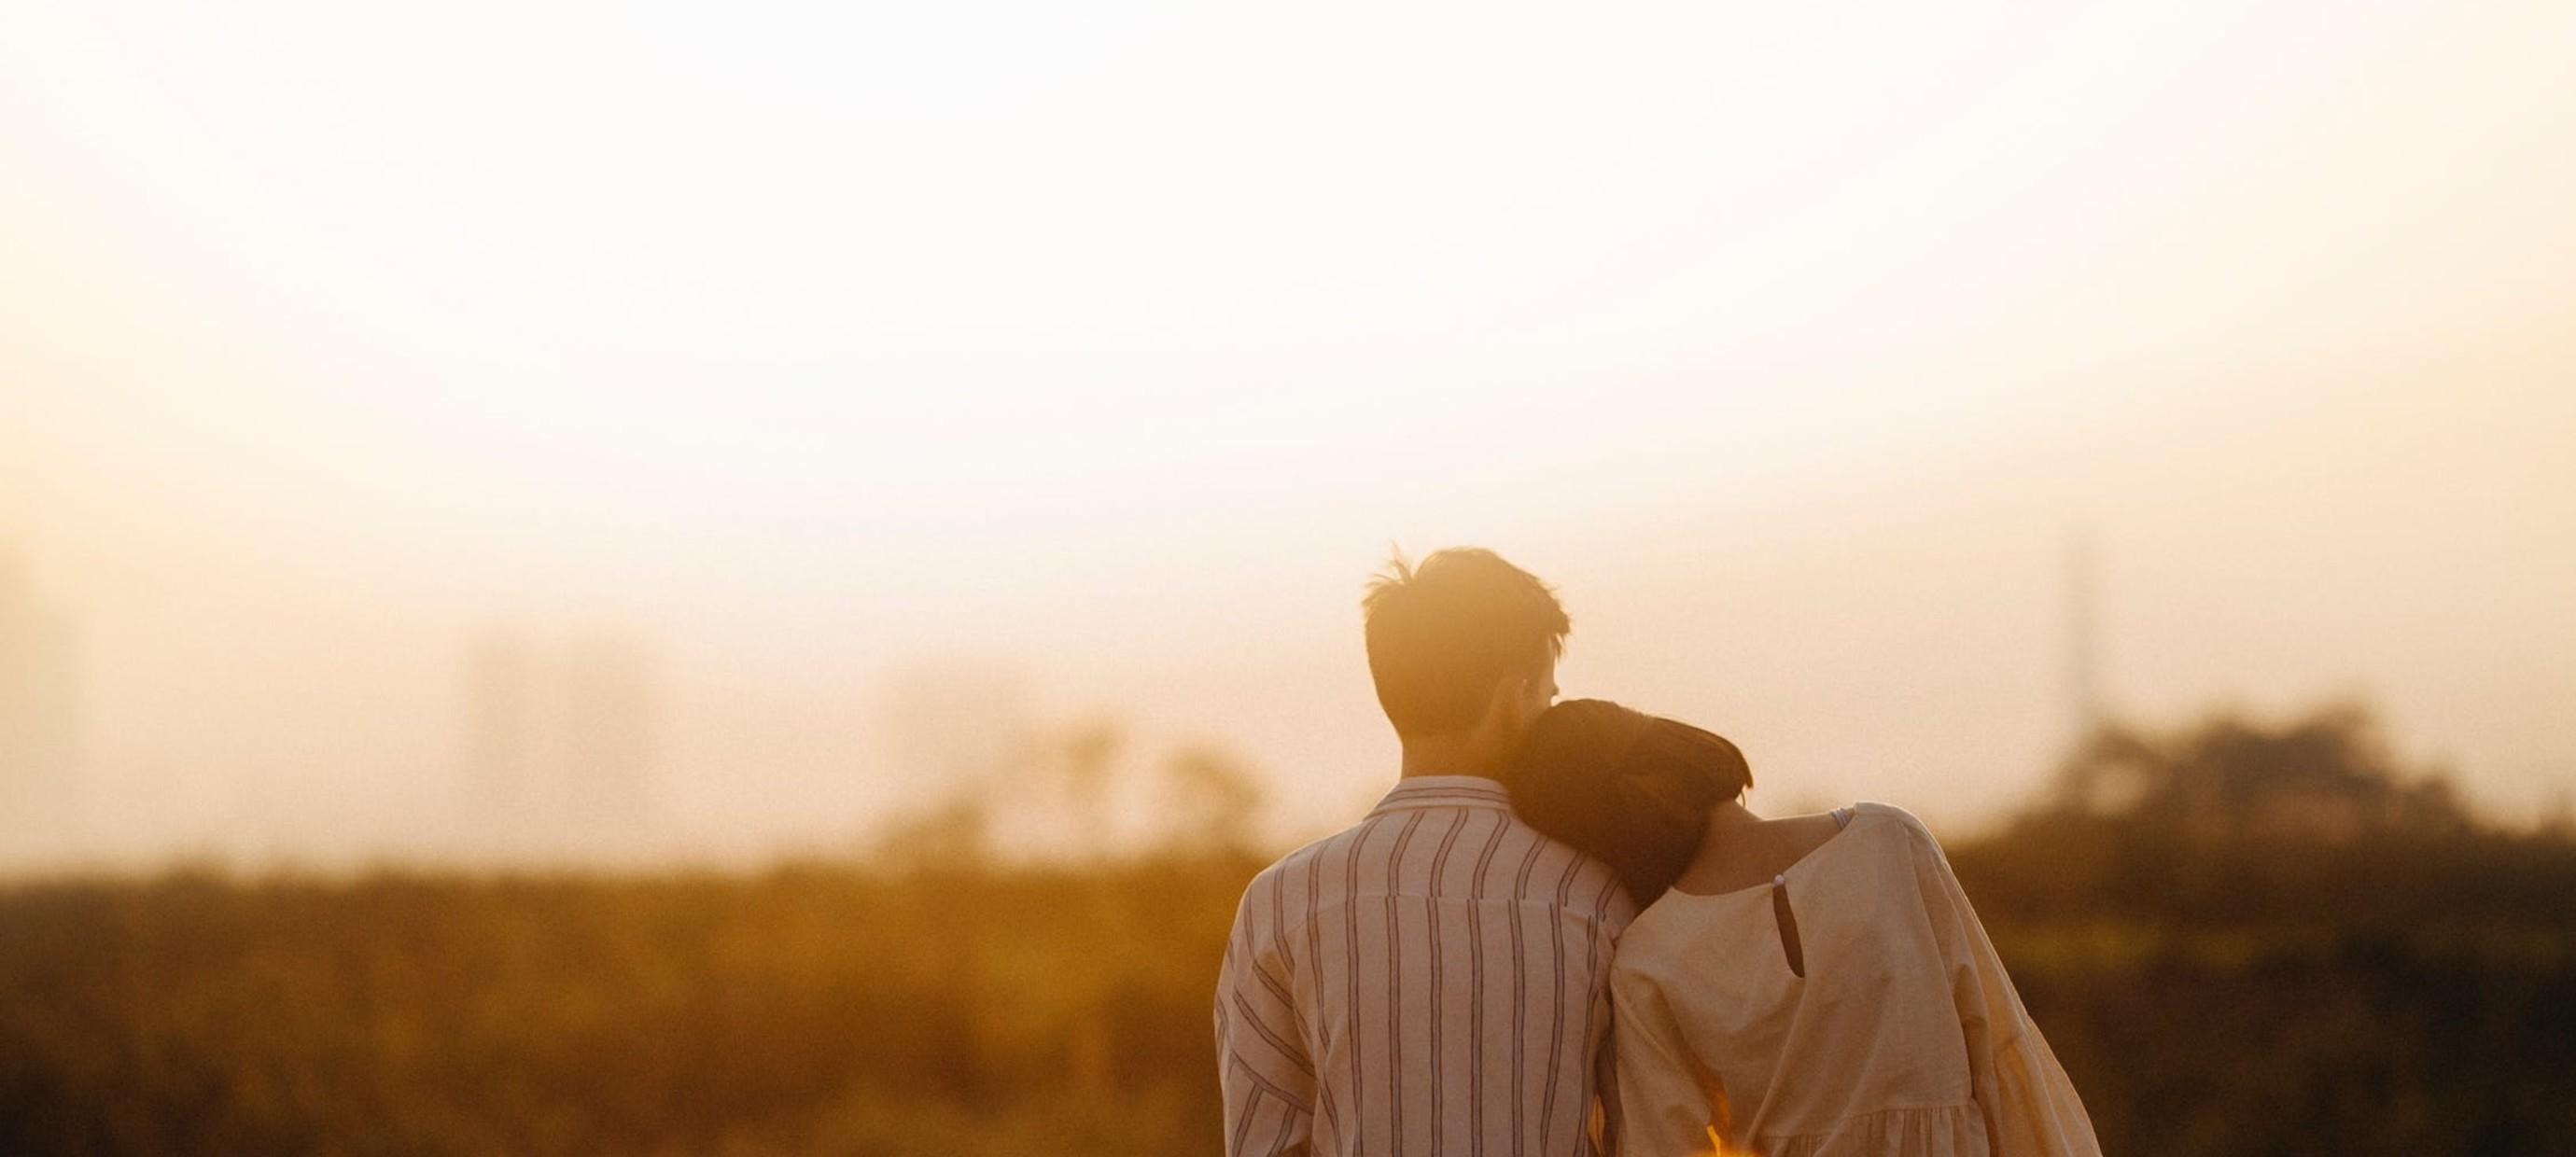 Tips om toch tijd voor elkaar vrij te maken